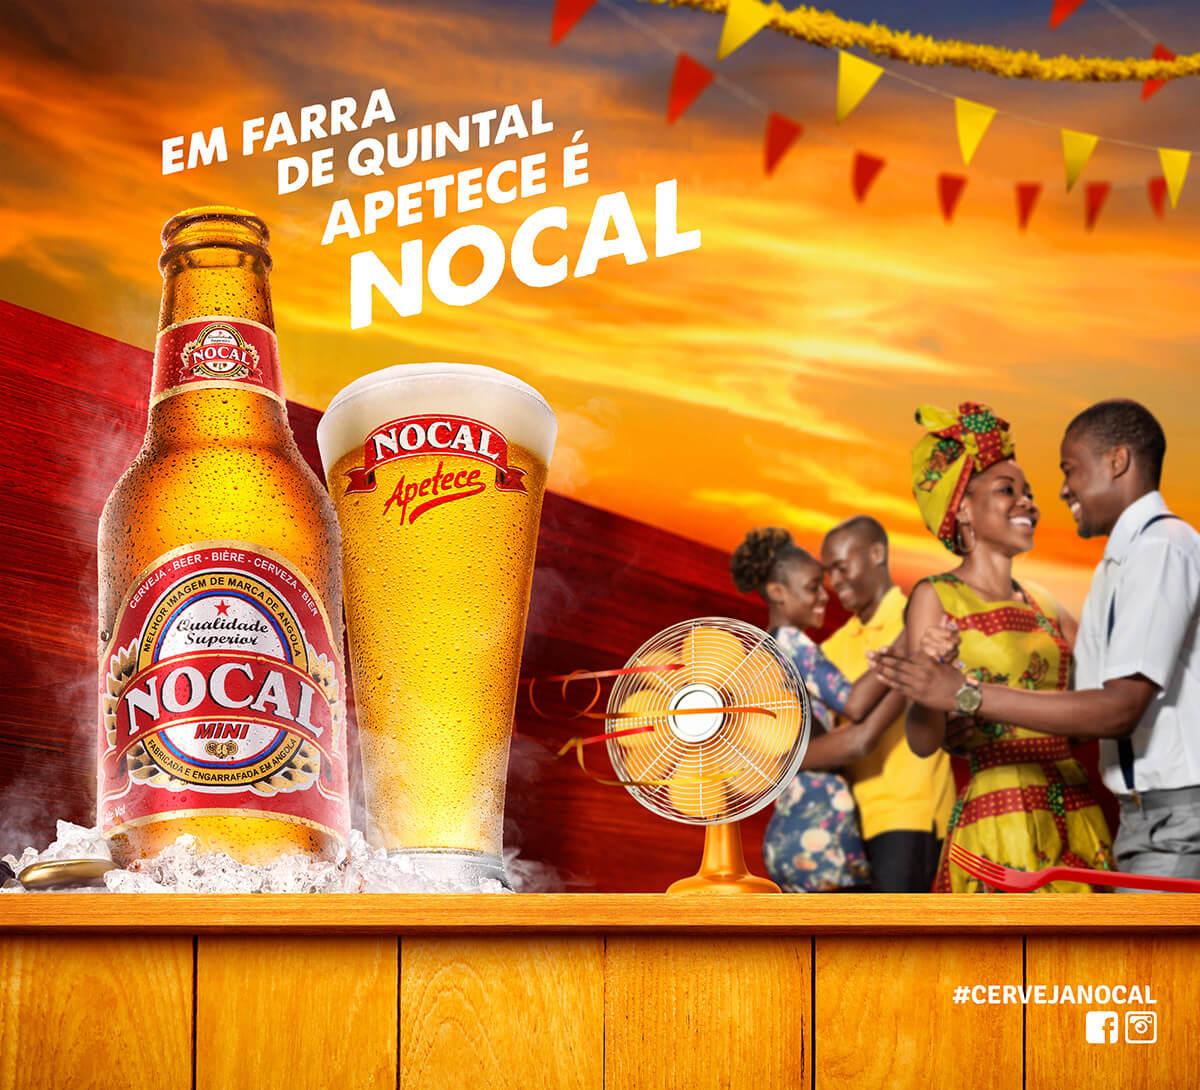 Vagas na Nocal Angola